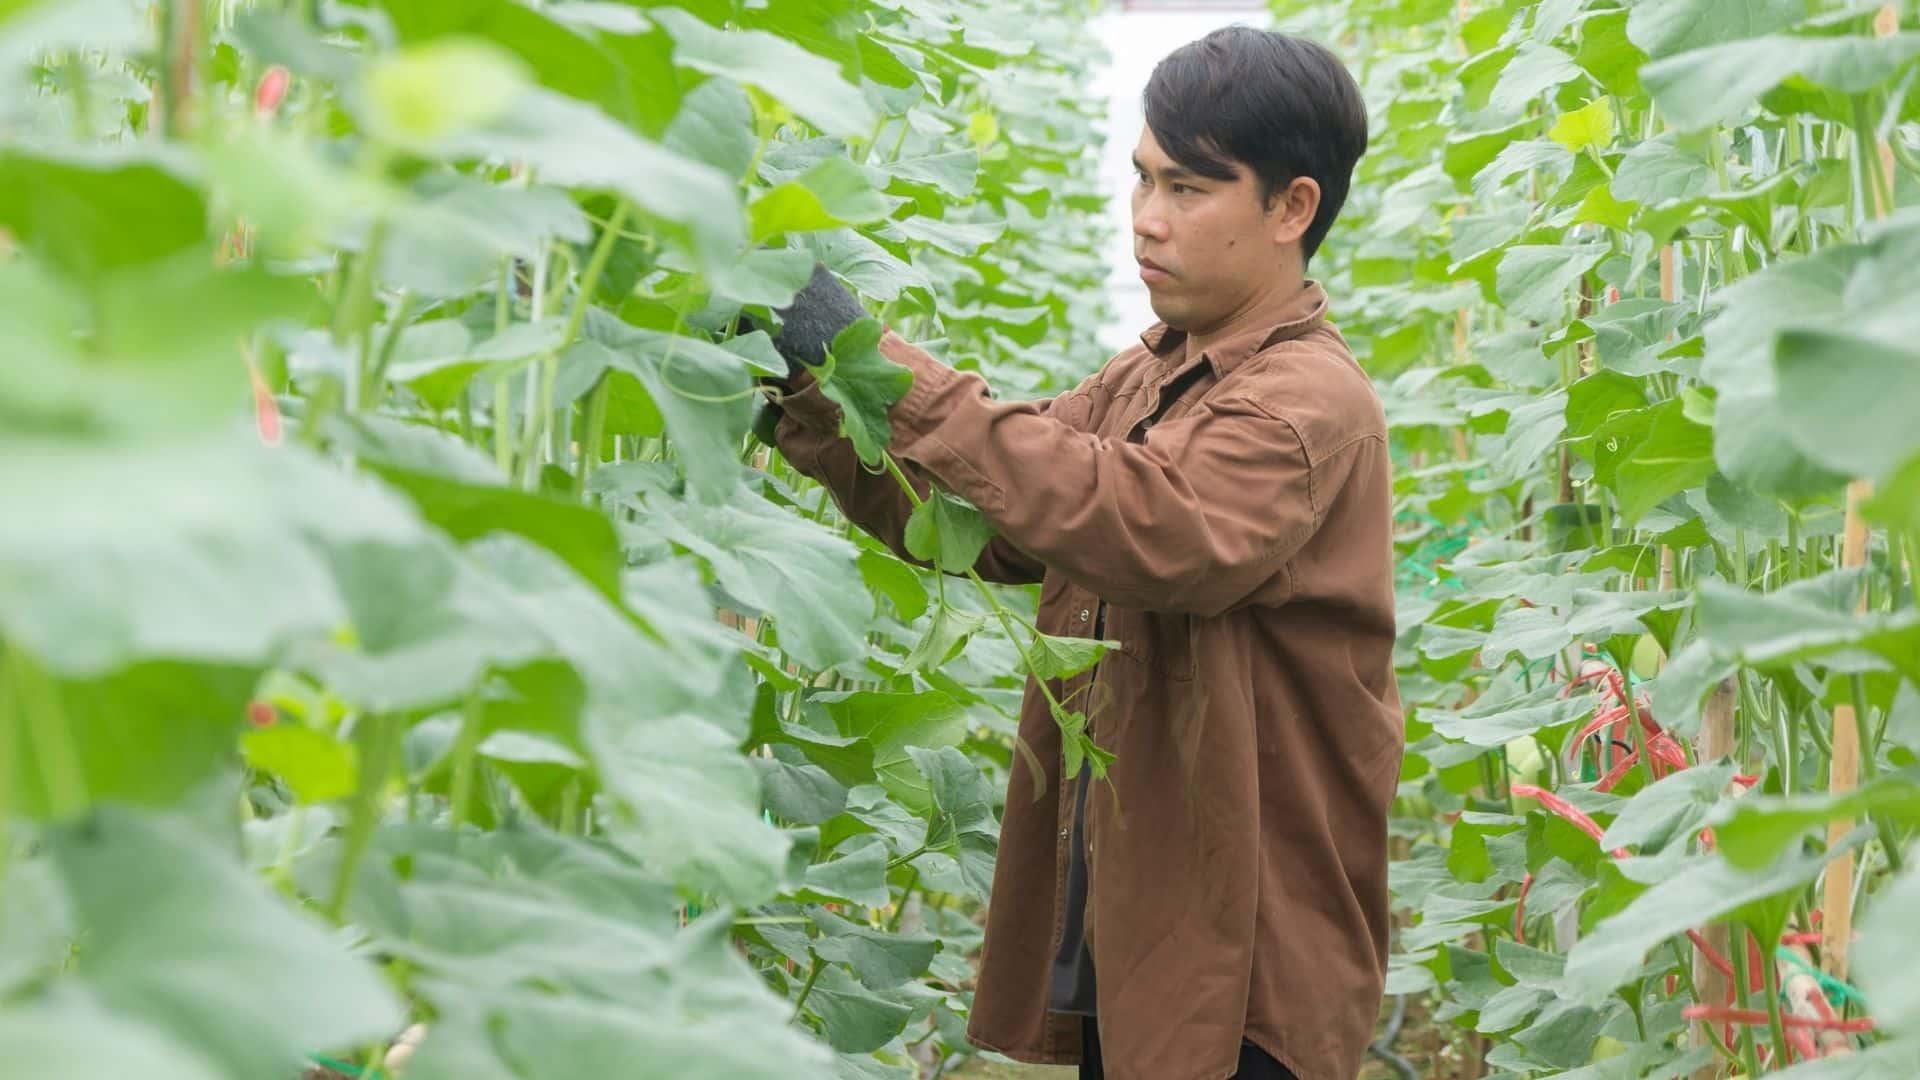 Tudta, hogy ugyanaz a növény, amely kávébabot termel, remek szobanövényt is készít? A szobanövények közül a legkönnyebb és legkeményebbnek tartott kávéfőző növény kiváló mind tapasztalt, mind kezdő kertészek számára. Nemcsak a kávé fa növények gondozása egyszerű, de maga a növény is kedves, és csodálatosan kiegészíti az otthont.